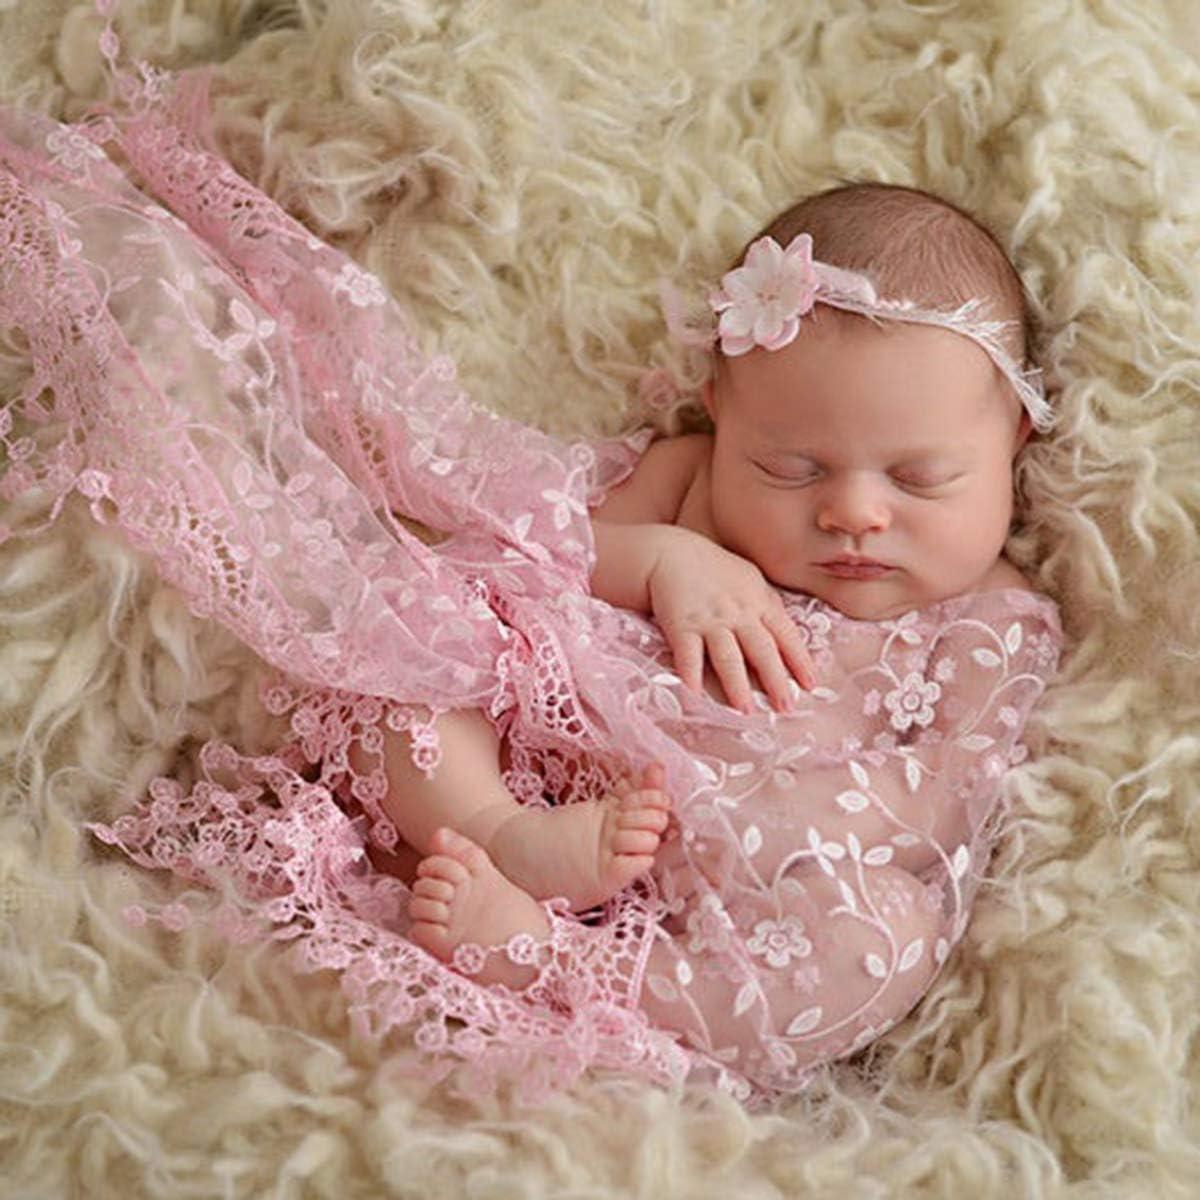 Neugeborenen Wickel Blumen Stirnband Set Jungen M/ädchen DIY Fotografie Outfits Camidy Baby Foto Requisiten 3 St/ück Baby Flauschige Decke